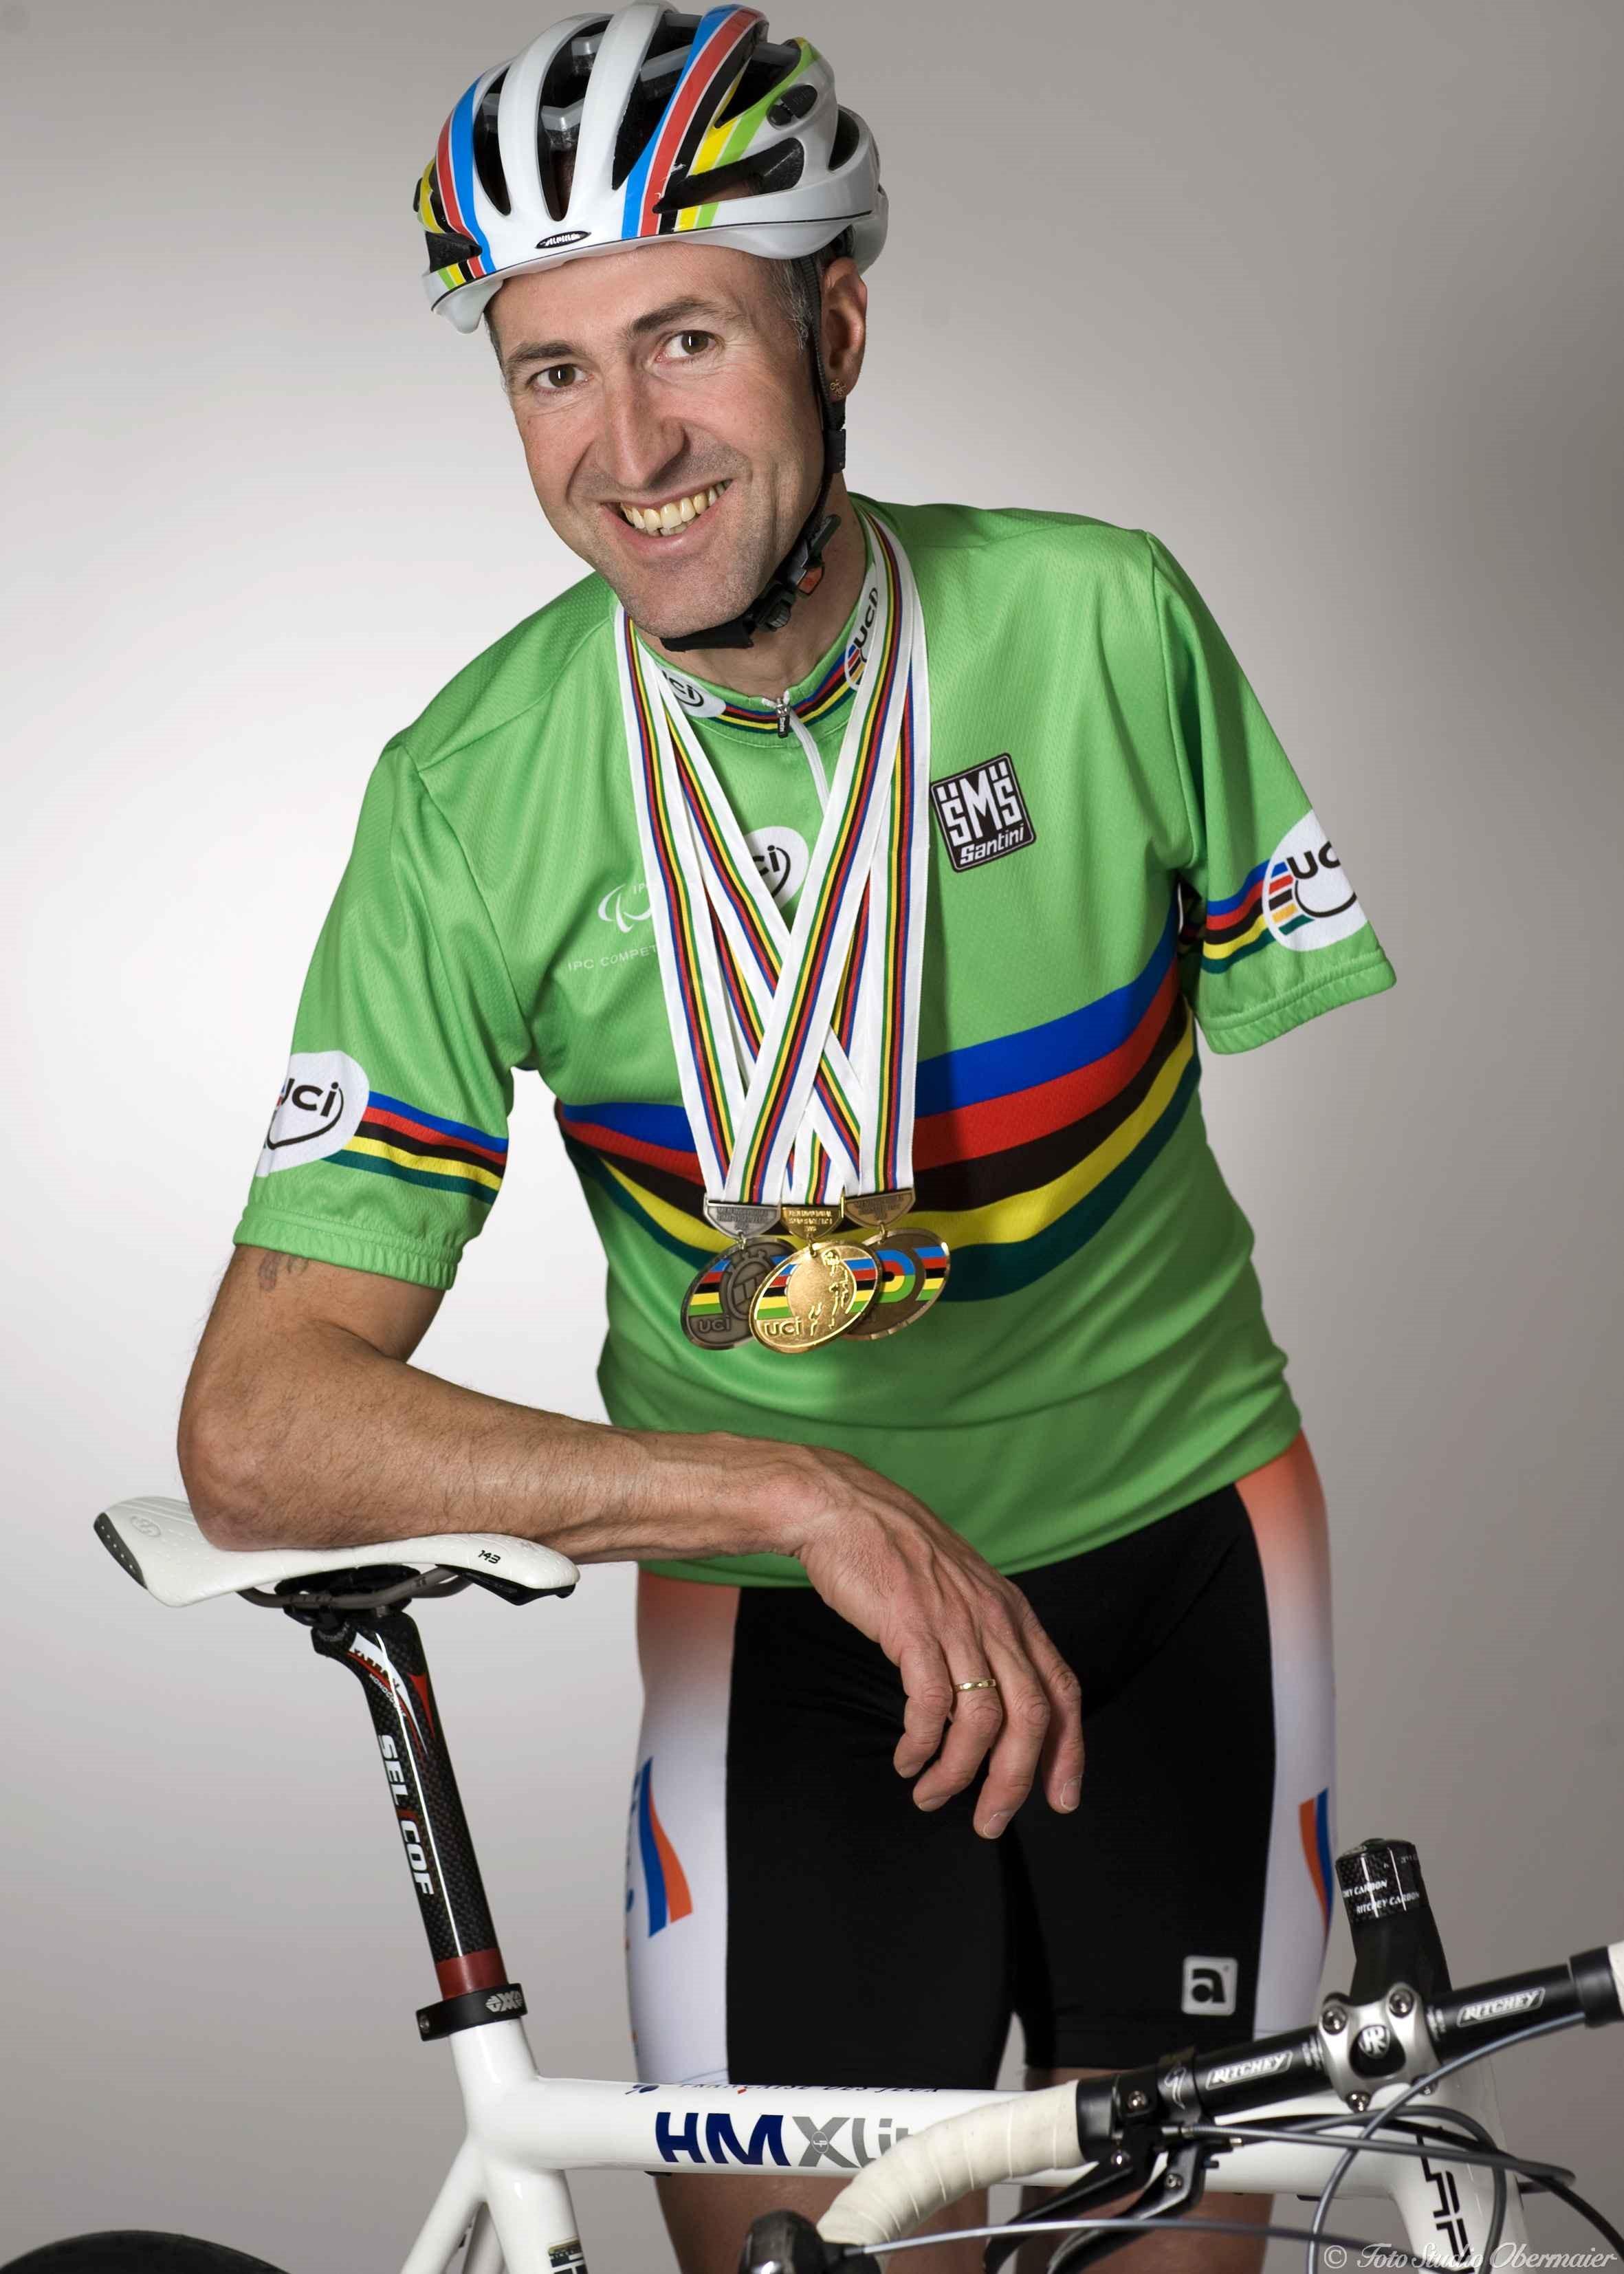 Вольфганг Захер – чемпион мира